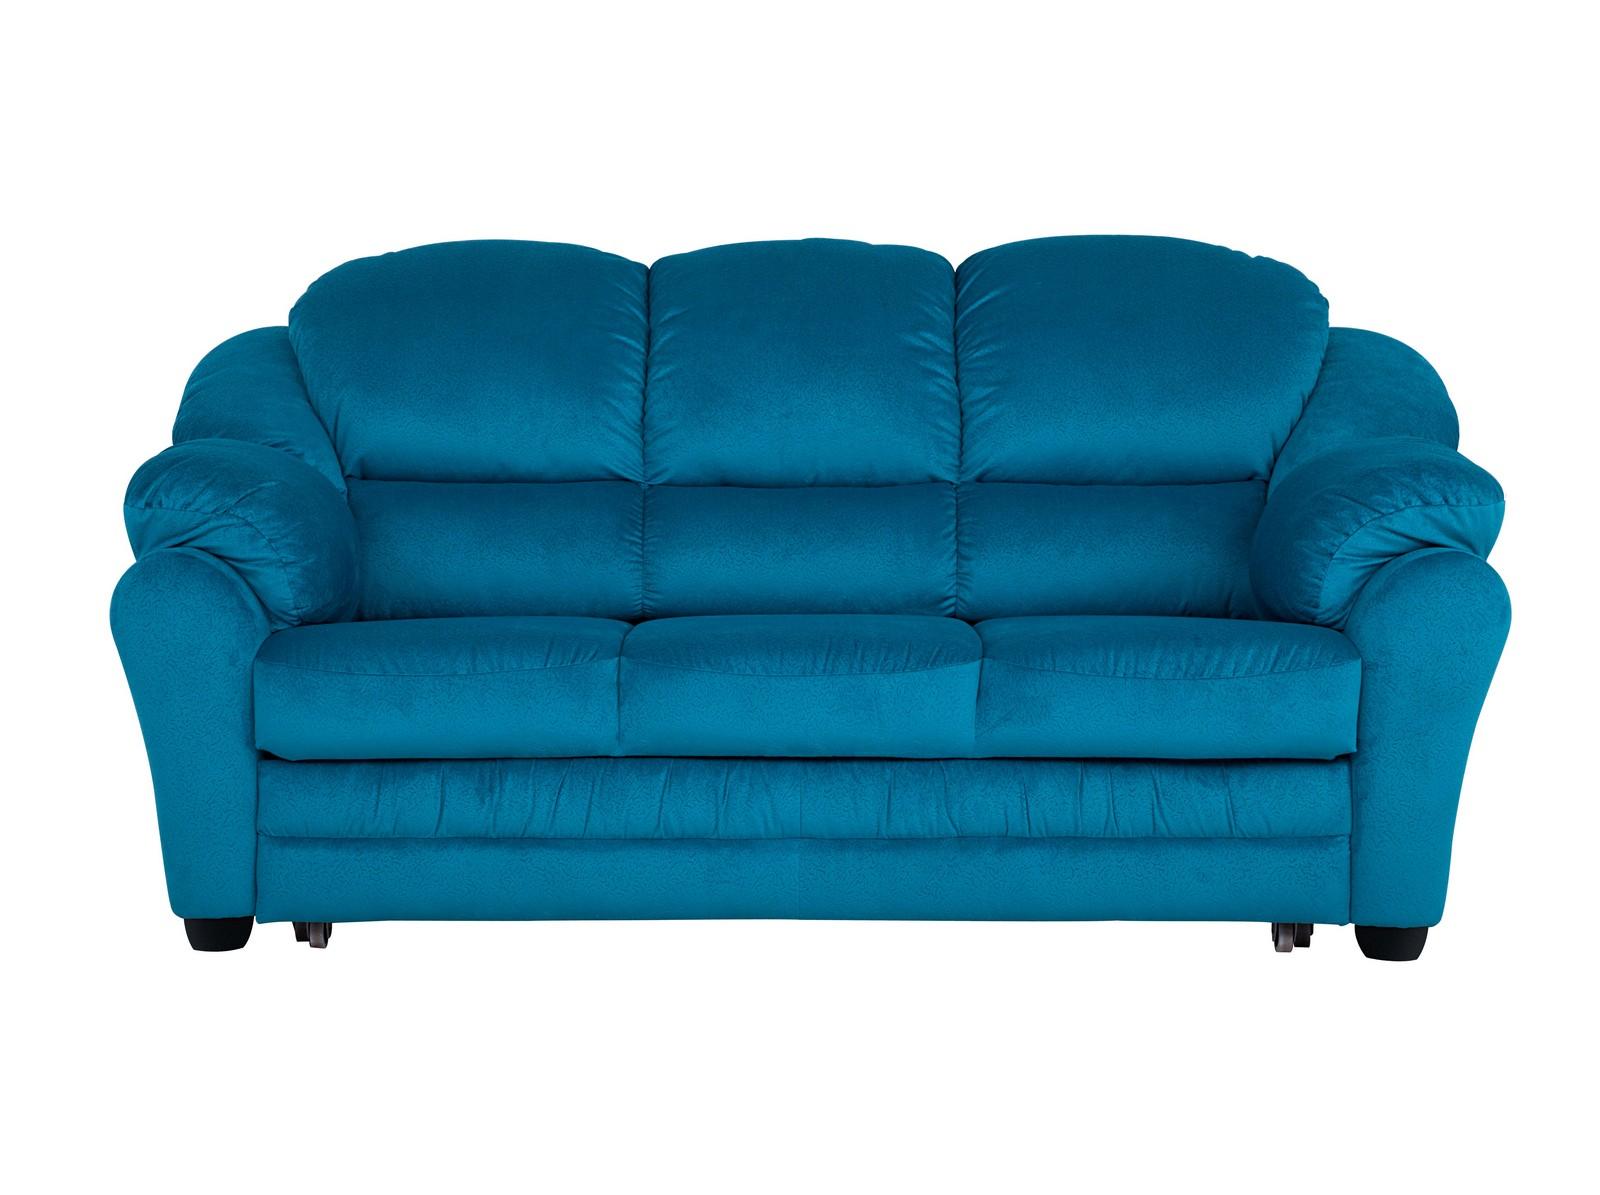 Диван-кровать БергПрямые раскладные диваны<br>&amp;lt;div&amp;gt;Достаточно просто на секундочку присесть на этот диван и вставать с него вам не захочется! Каждая &amp;amp;nbsp;его линия создана, чтобы вы и ваши гости с комфортом провели время. Несмотря на объемные подлокотники и мягкую спинку, этот диван достатоно компактен. В разложенном состоянии он станет полноценной кроватью.&amp;lt;/div&amp;gt;&amp;lt;div&amp;gt;&amp;lt;br&amp;gt;&amp;lt;/div&amp;gt;&amp;lt;div&amp;gt;Материал обивки: микрофибра.&amp;lt;/div&amp;gt;&amp;lt;div&amp;gt;Размер спального места: 196х142 см.&amp;lt;/div&amp;gt;<br><br>Material: Текстиль<br>Width см: 196<br>Depth см: 91<br>Height см: 102